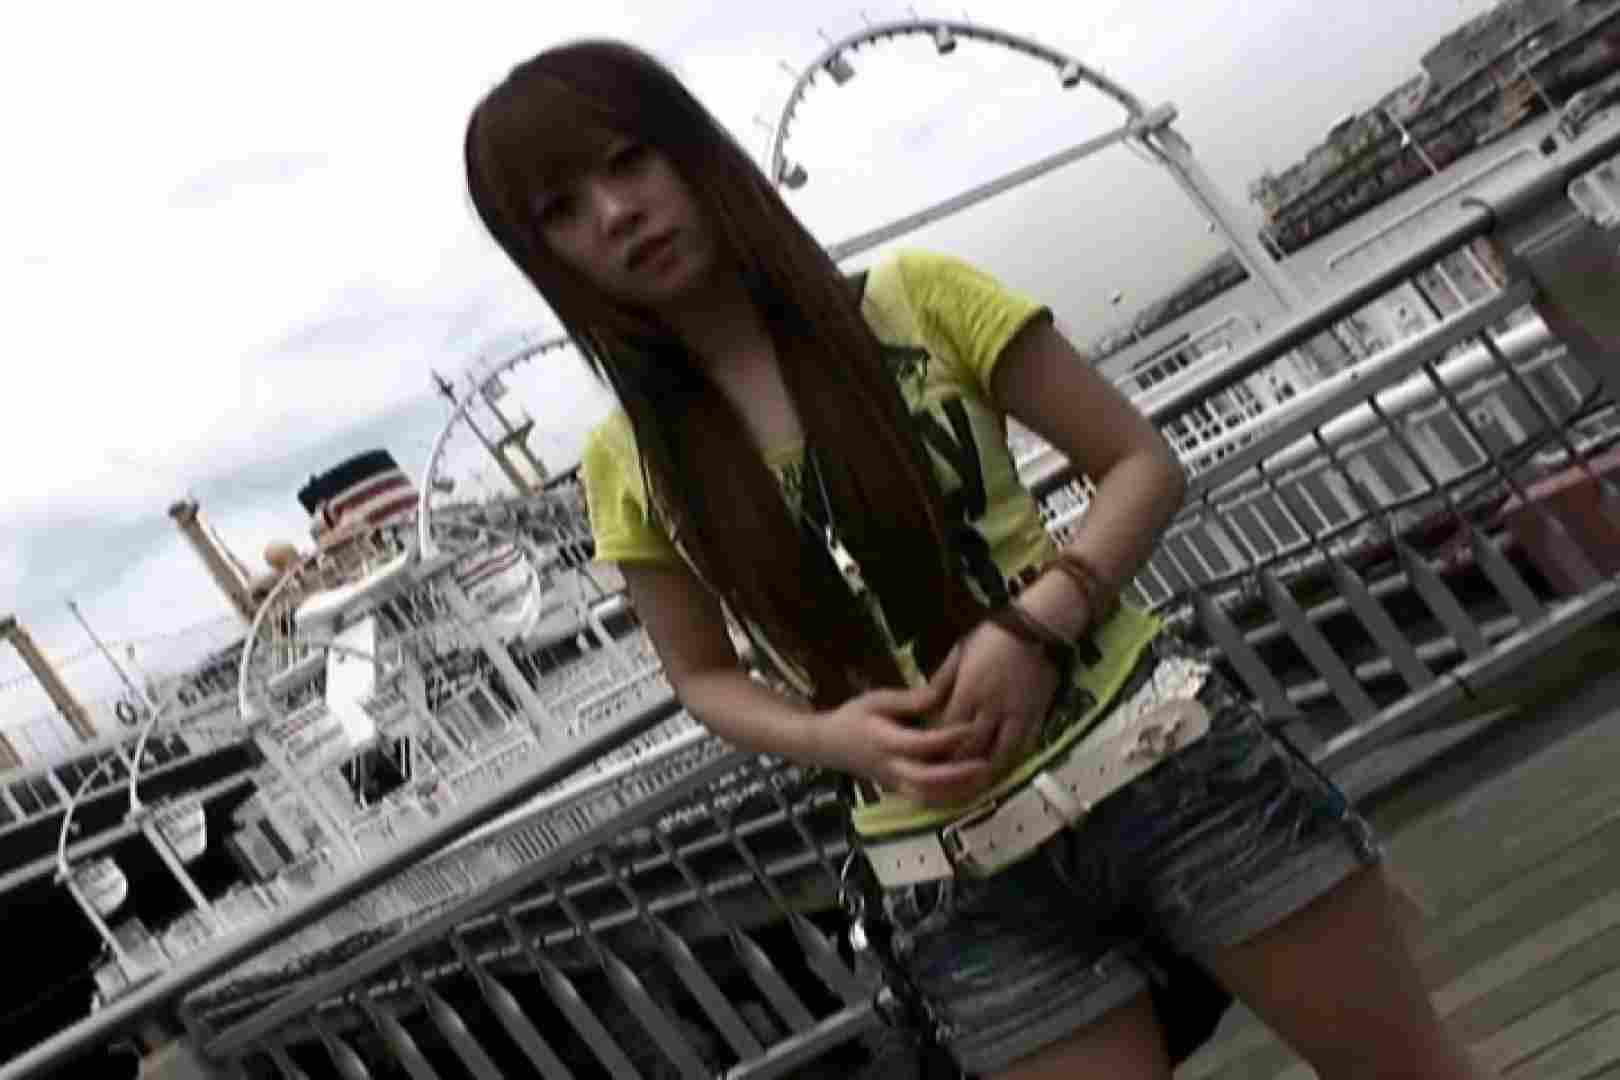 ハイビジョンパンチラ オッテQさんの追跡パンチラ夜の街編 パンチラ おめこ無修正画像 80連発 46